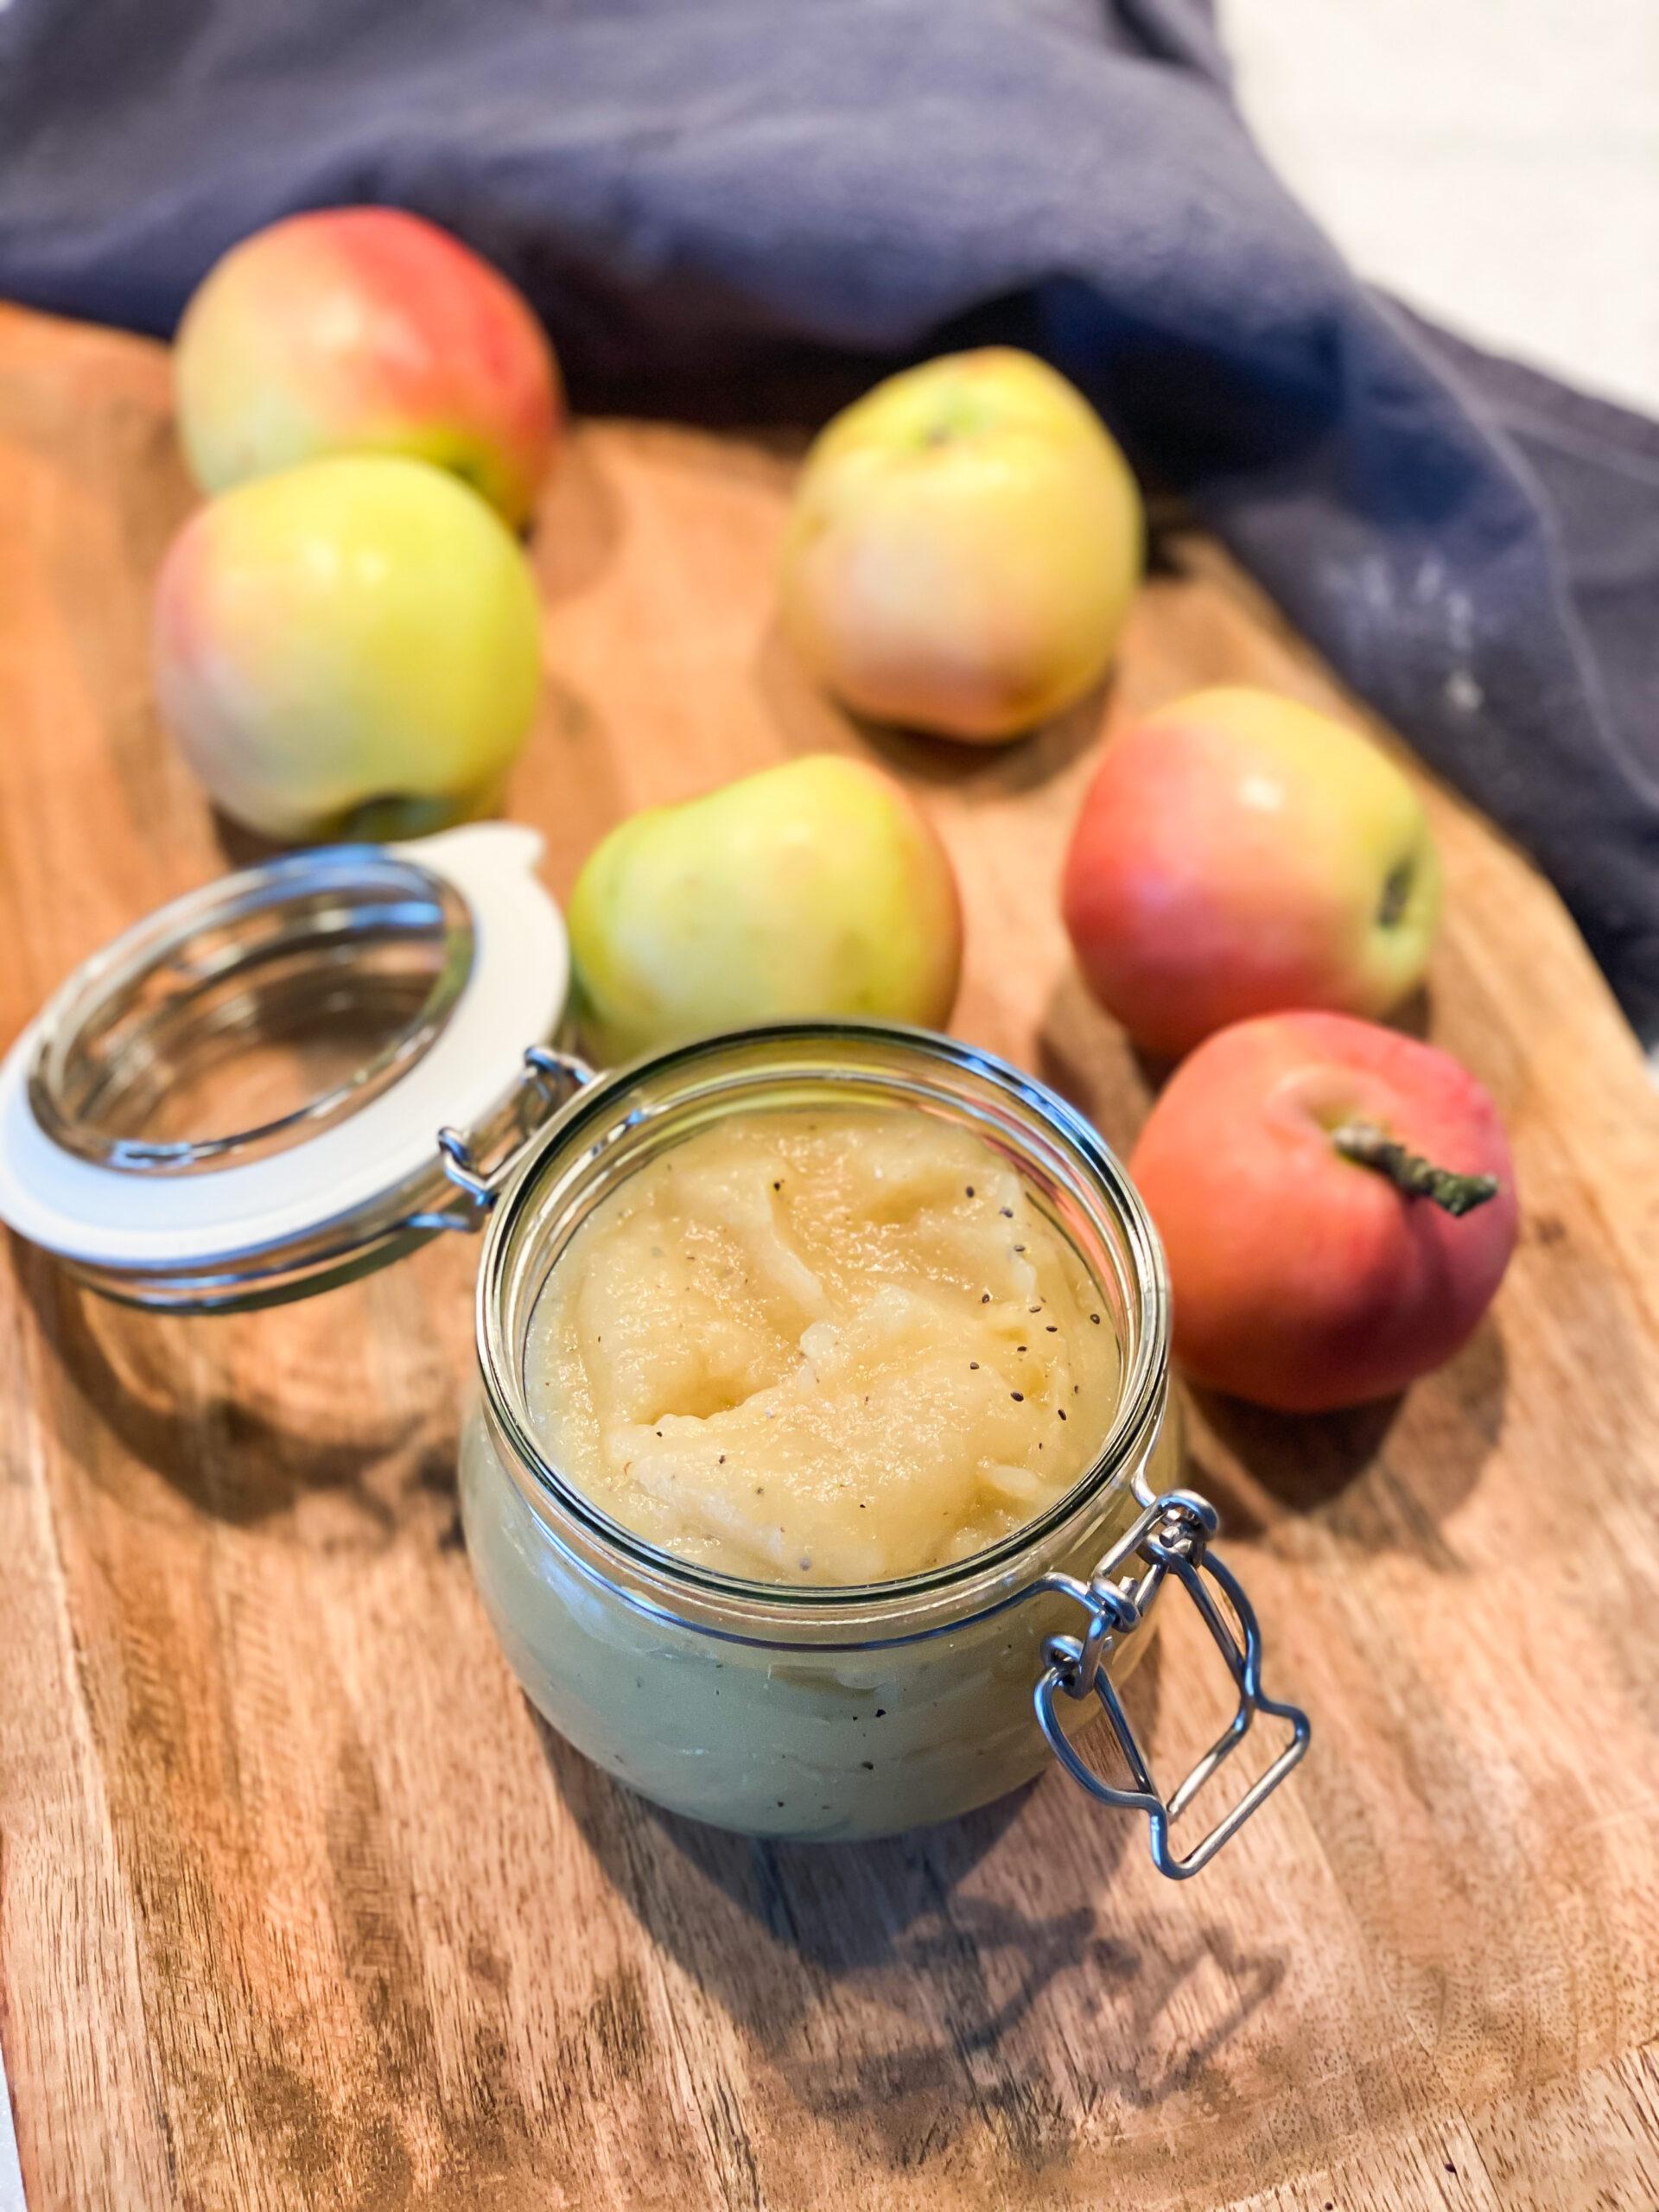 äppelmos utan tillsatt socker